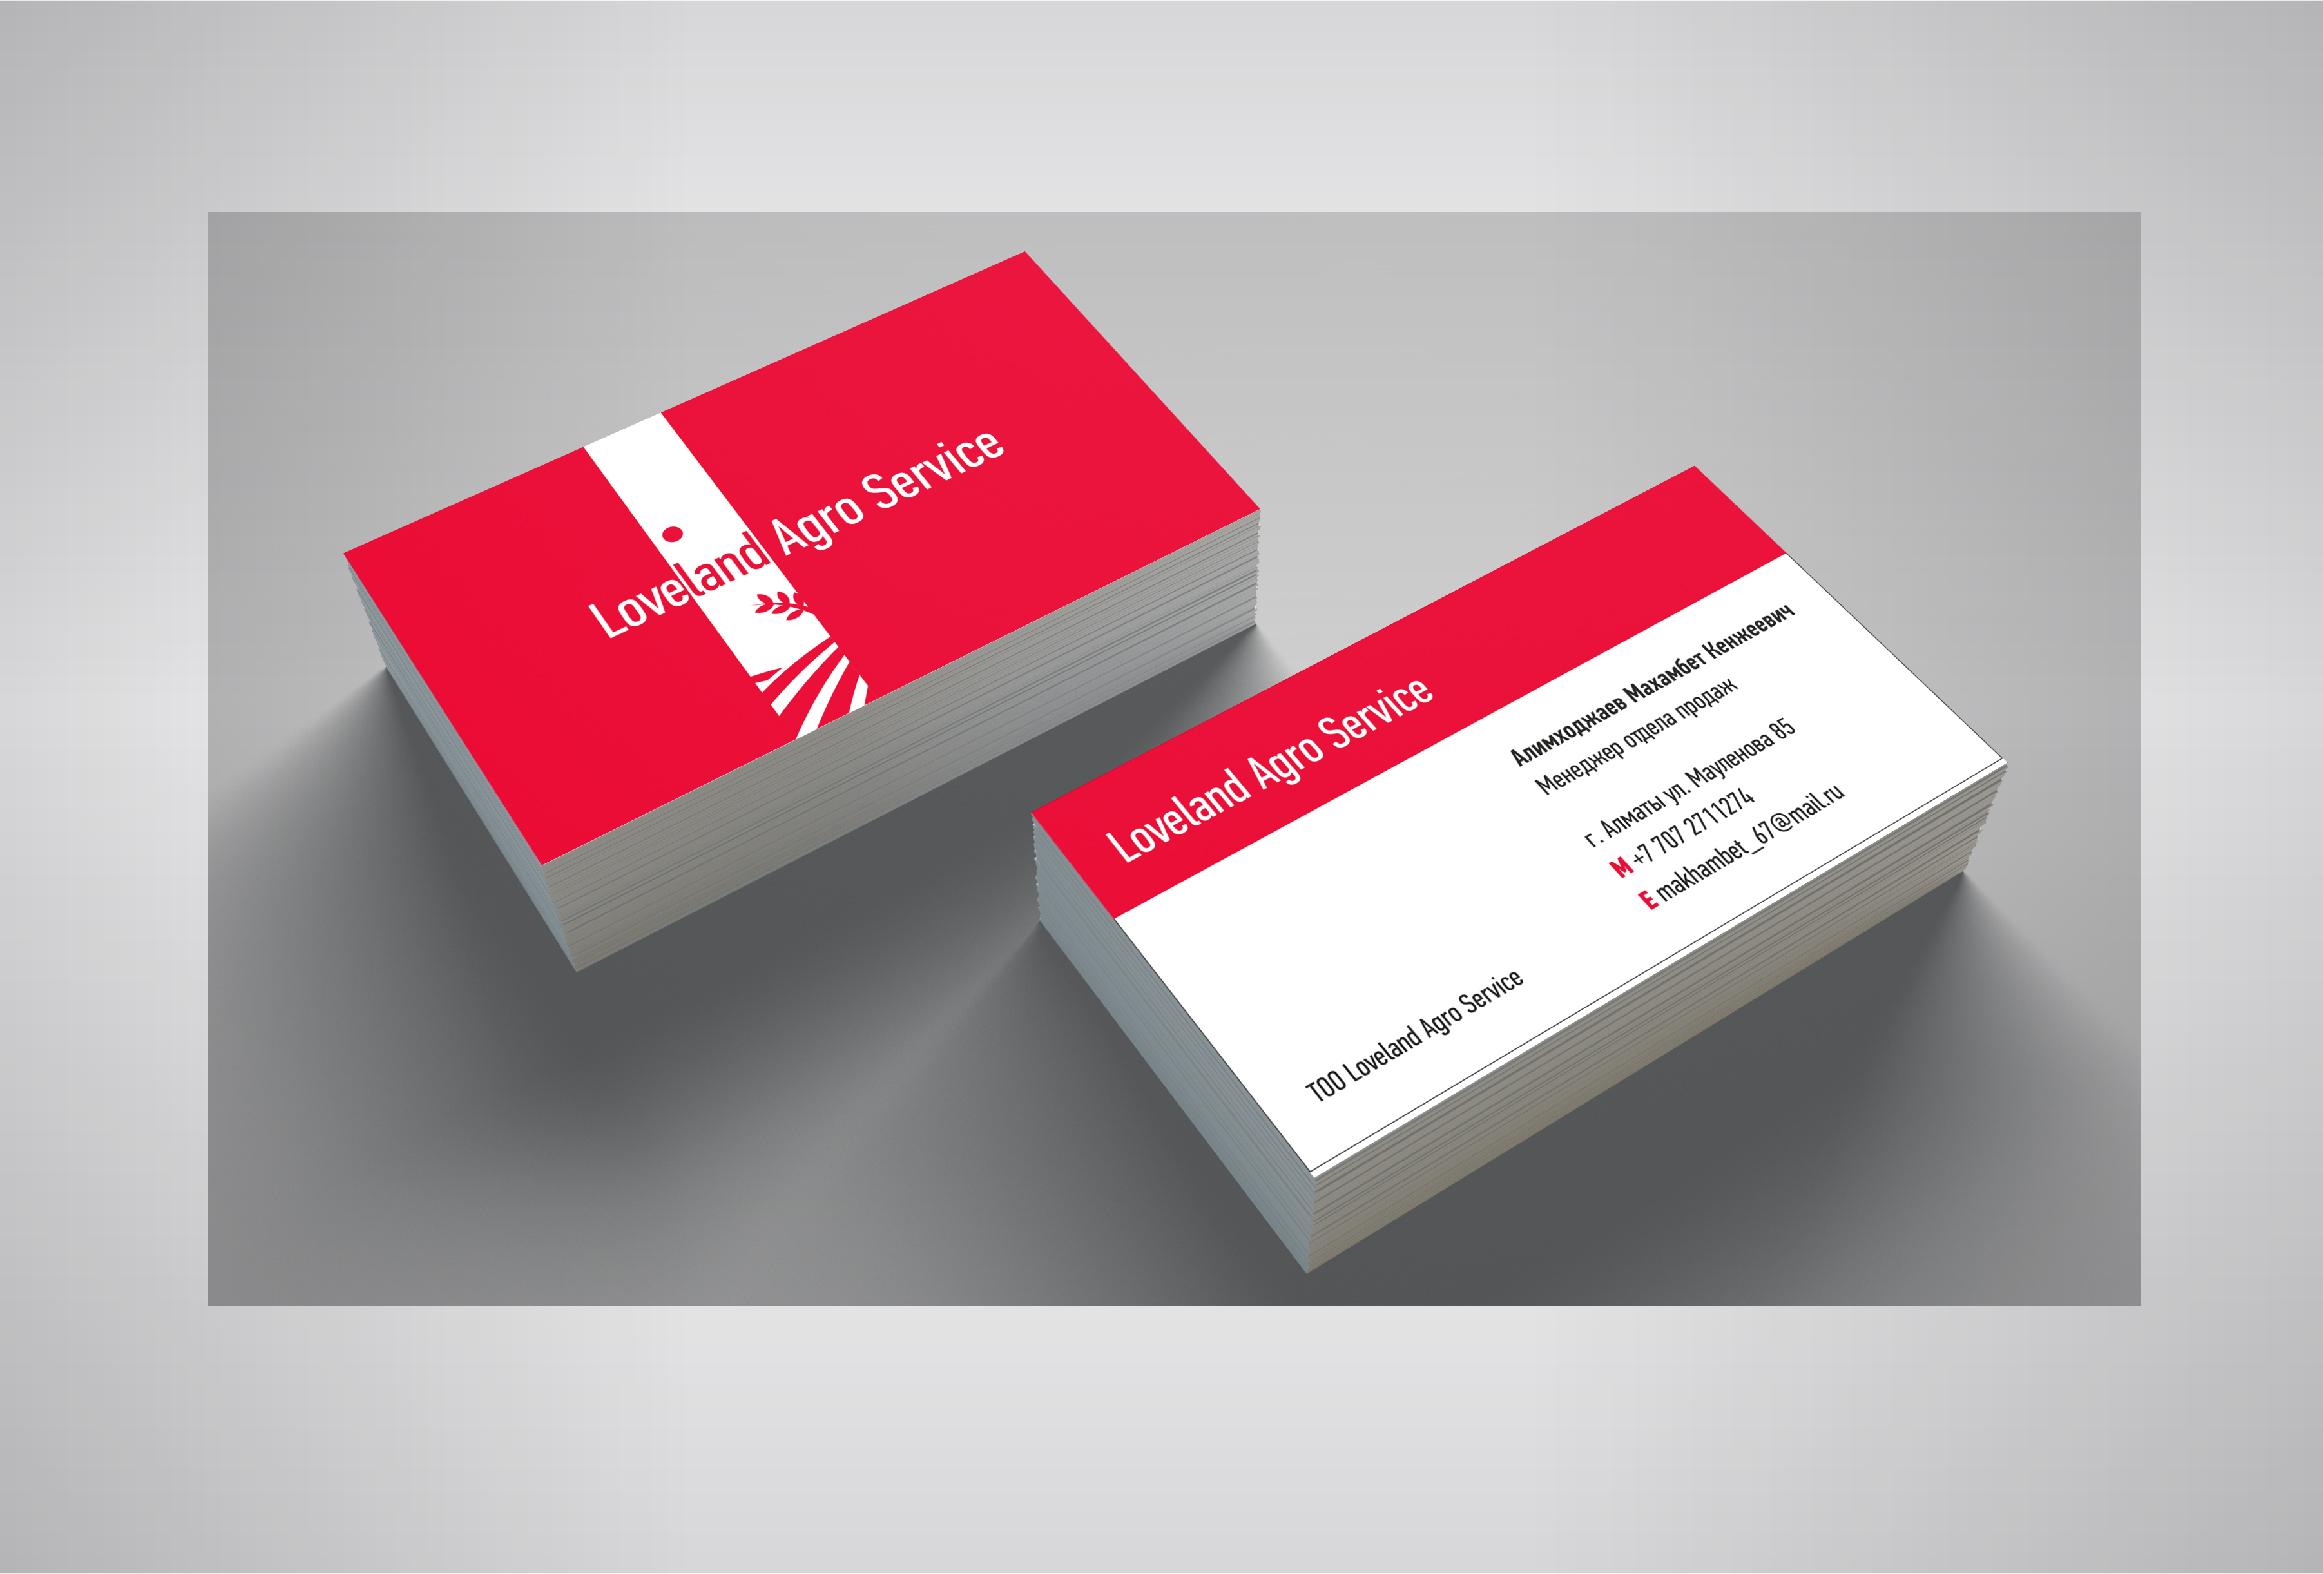 Loveland Agro Service, визитки, дизайн, мокап, полиграфия алматы